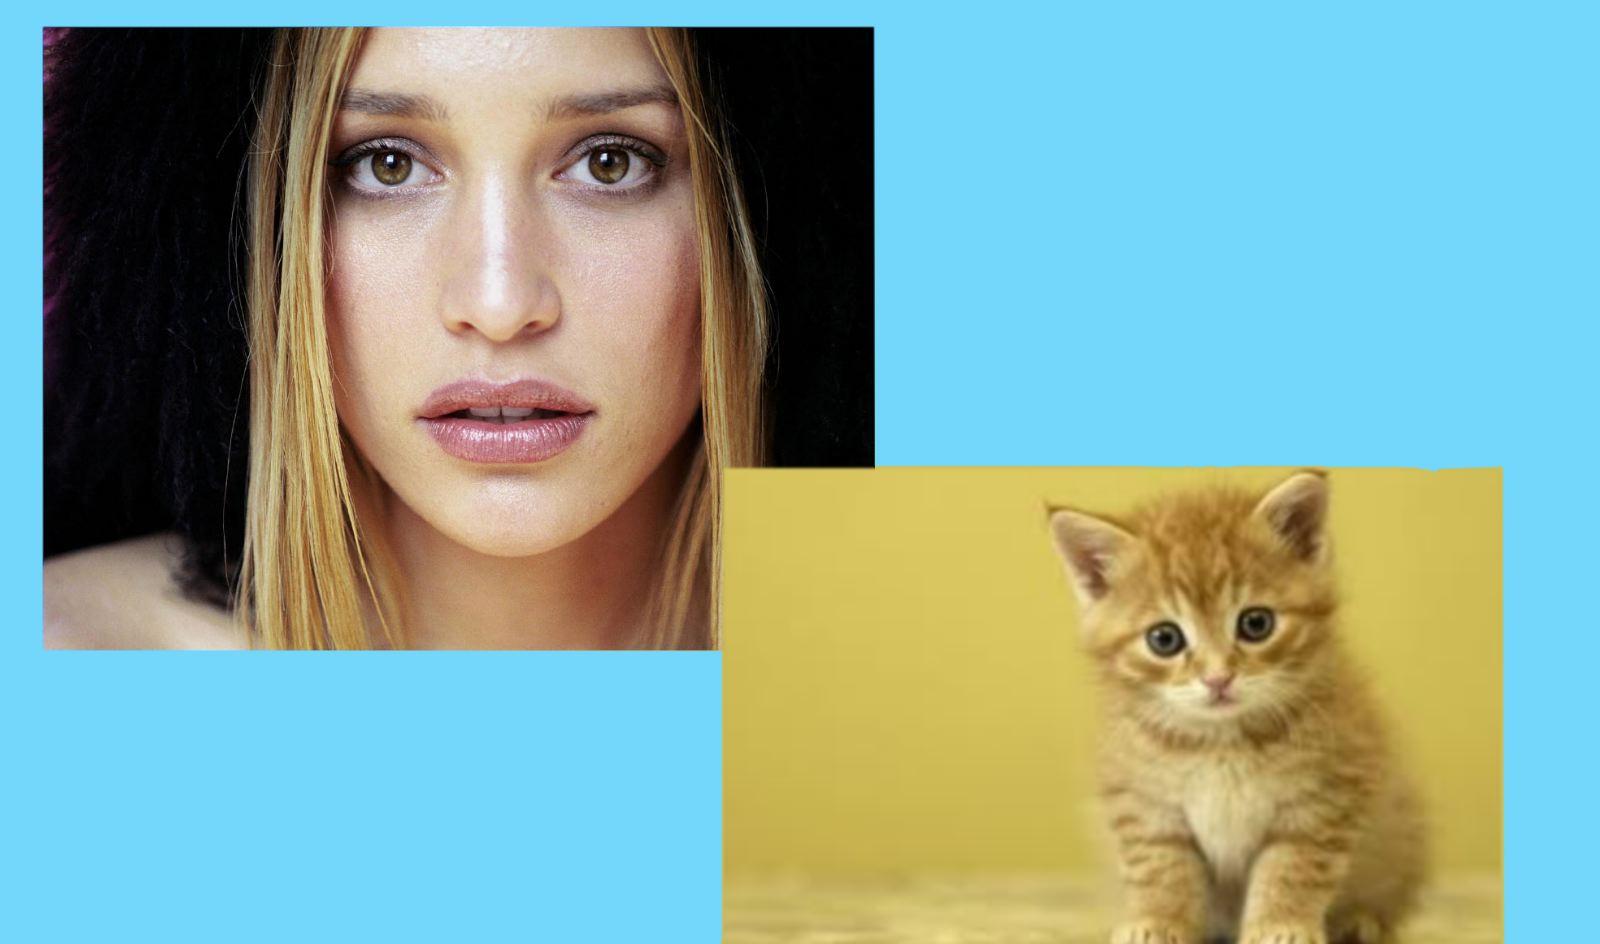 http://1.bp.blogspot.com/-37ZFQr4AXrU/UQwbPwR5-4I/AAAAAAAAGtQ/S_7wDywT43U/s1600/piper+and+kitten.jpg